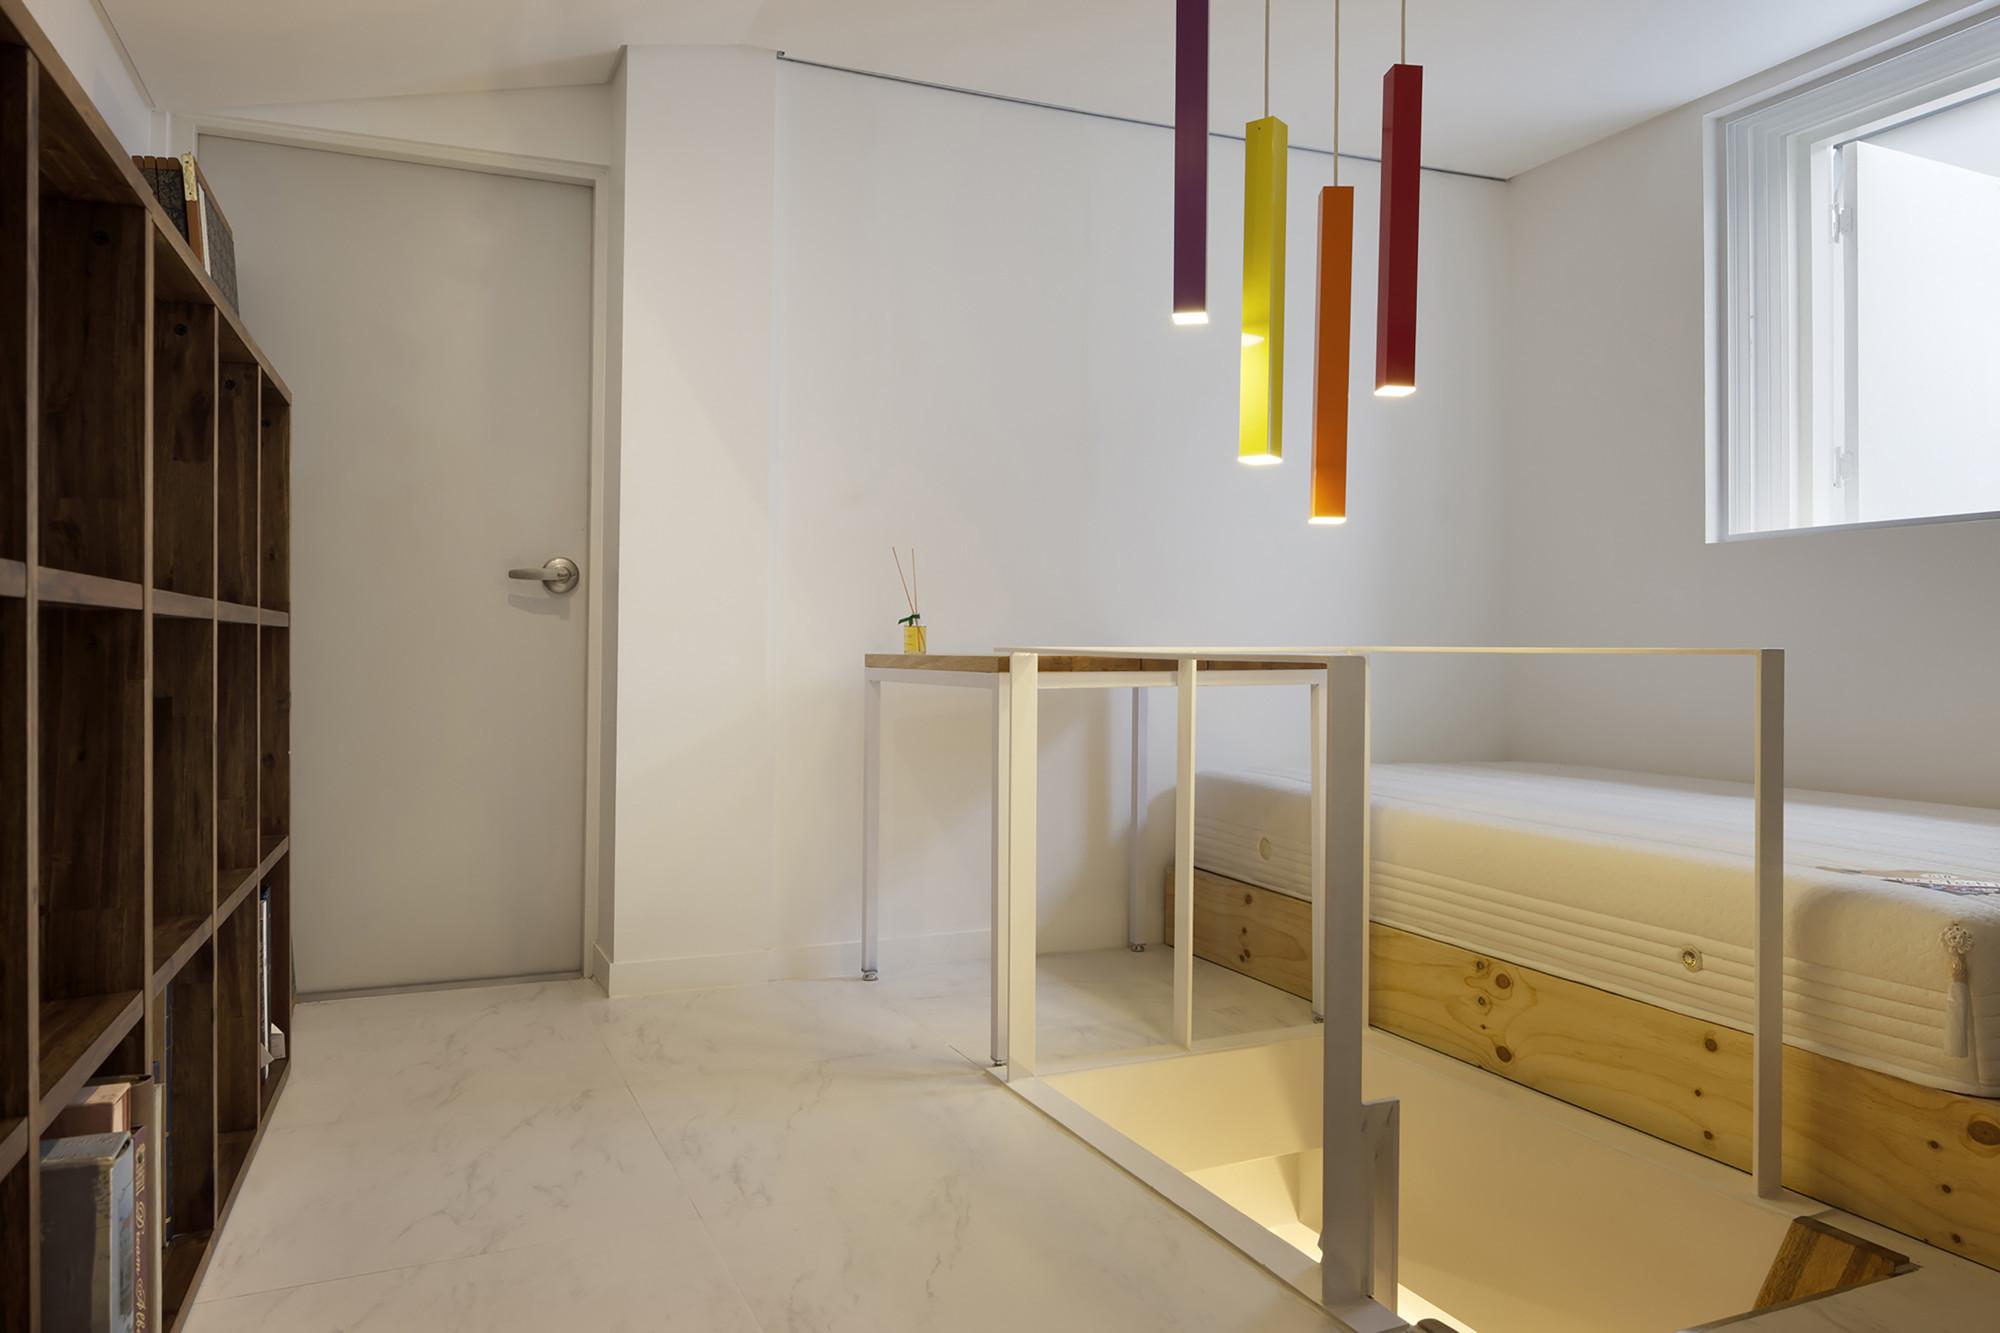 平面设计师的47㎡单身loft,楼下日常起居,楼上放飞自我